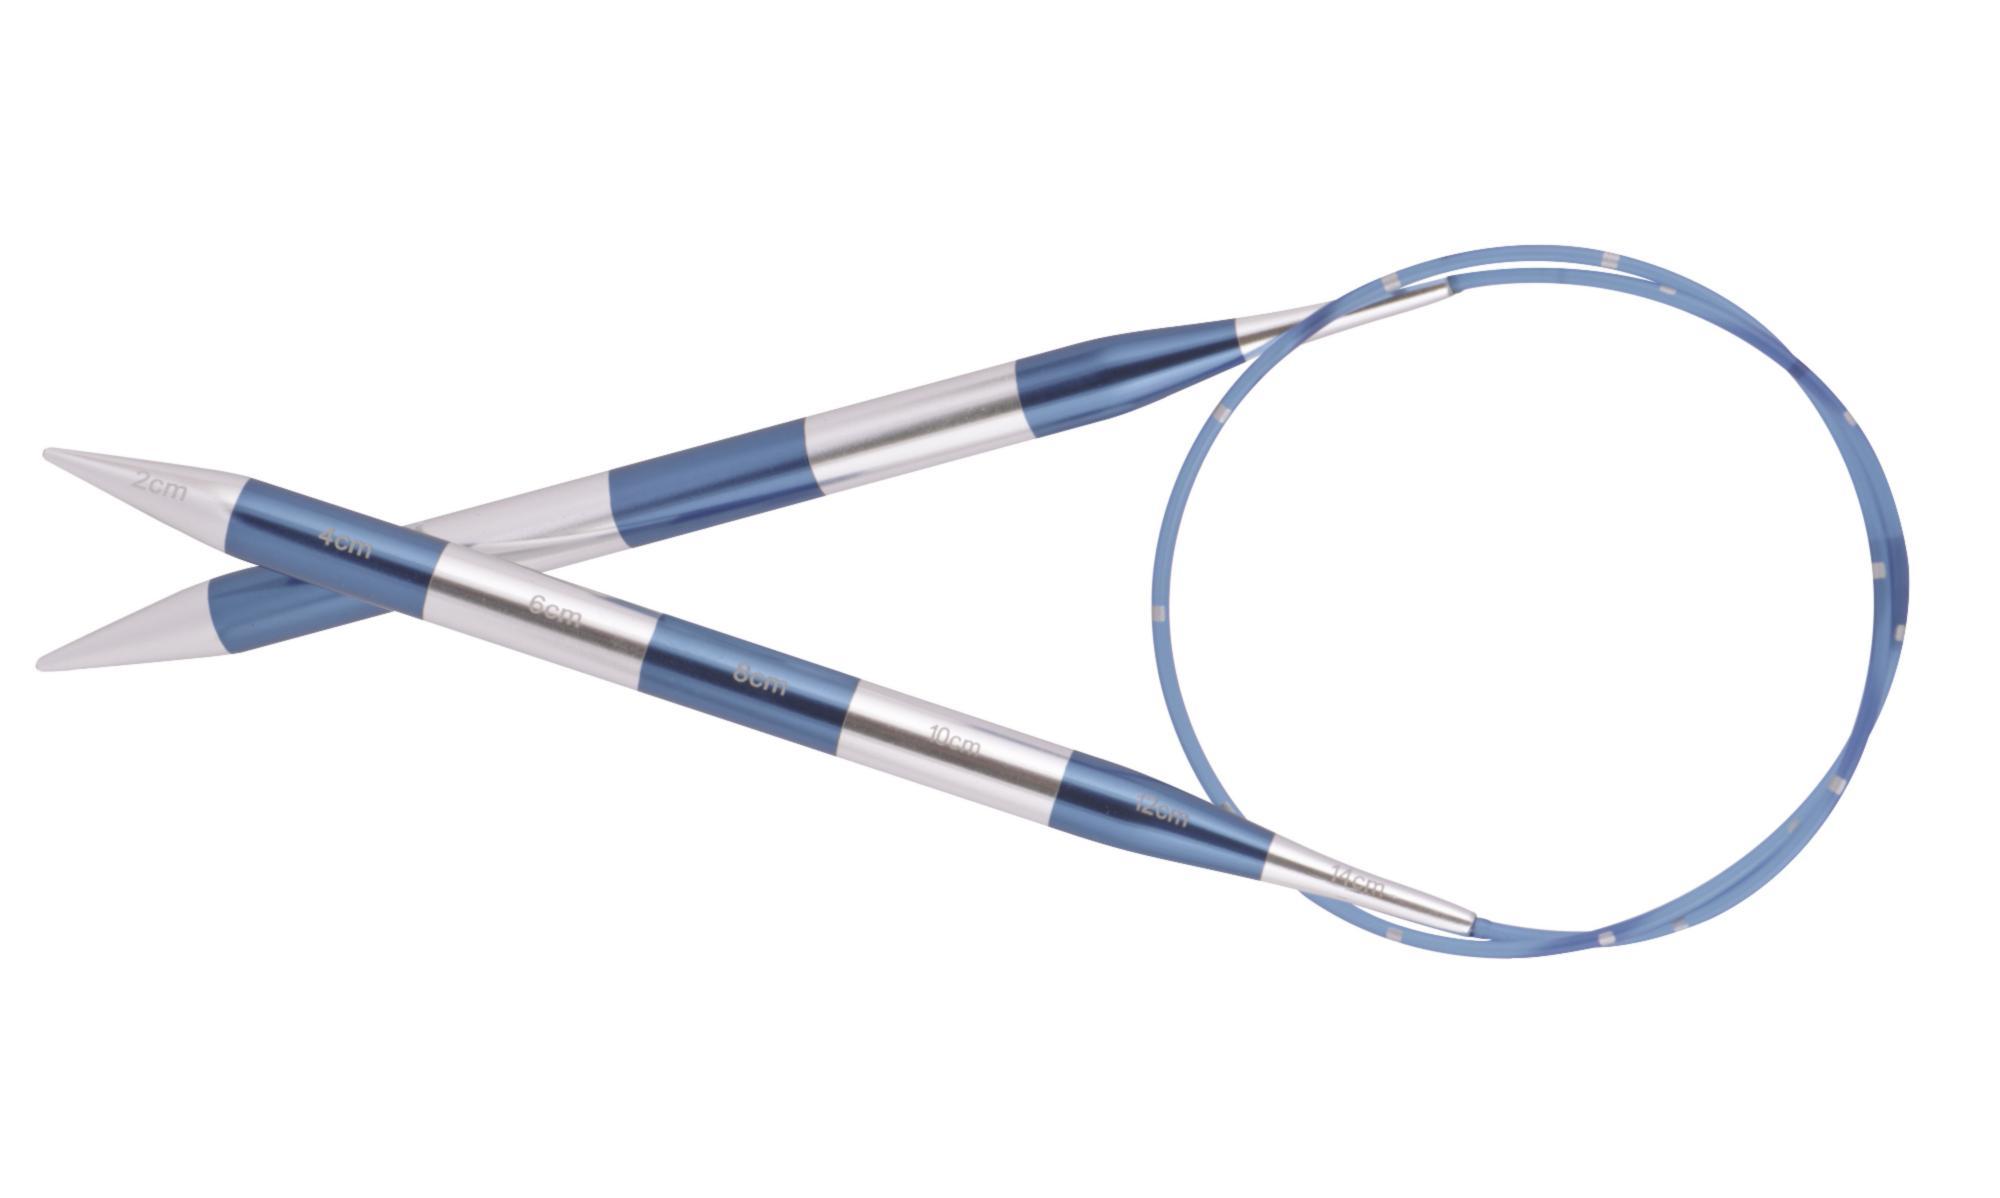 42061 Спицы круговые 2.00 мм - 60 см Smartstix KnitPro